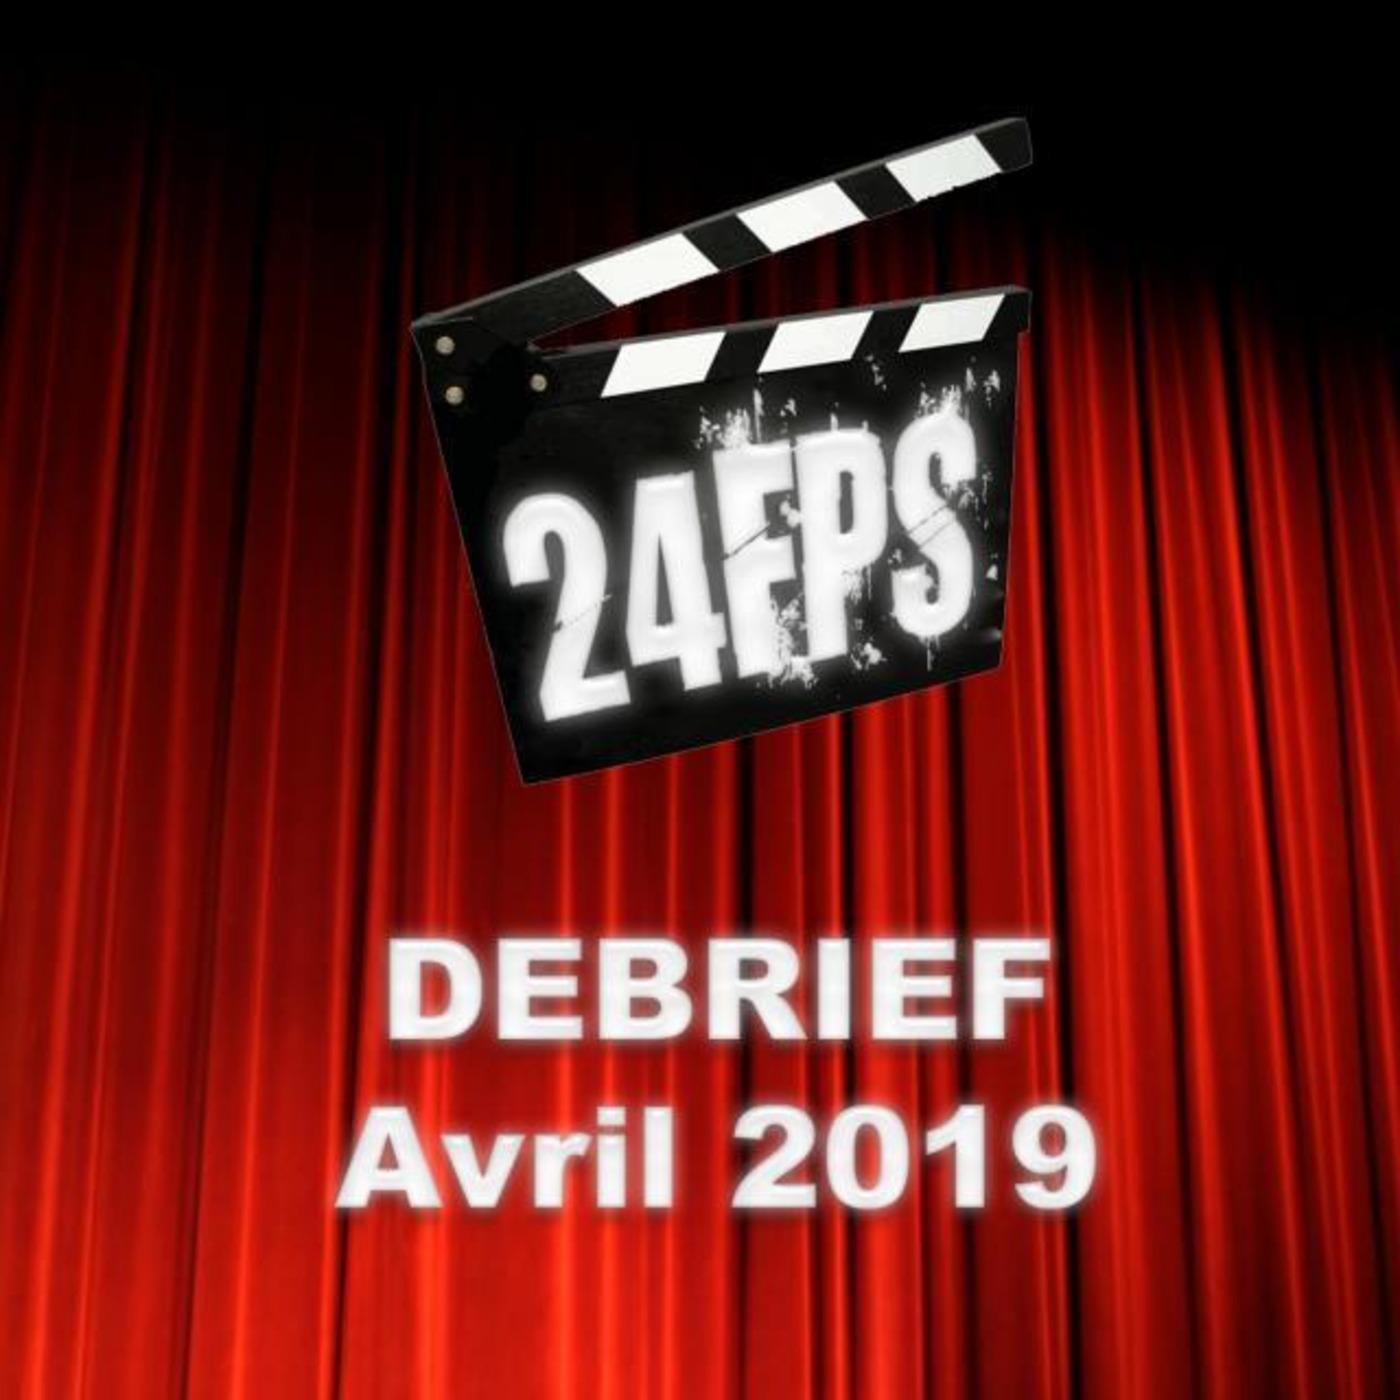 24FPS Debrief Avril 2019